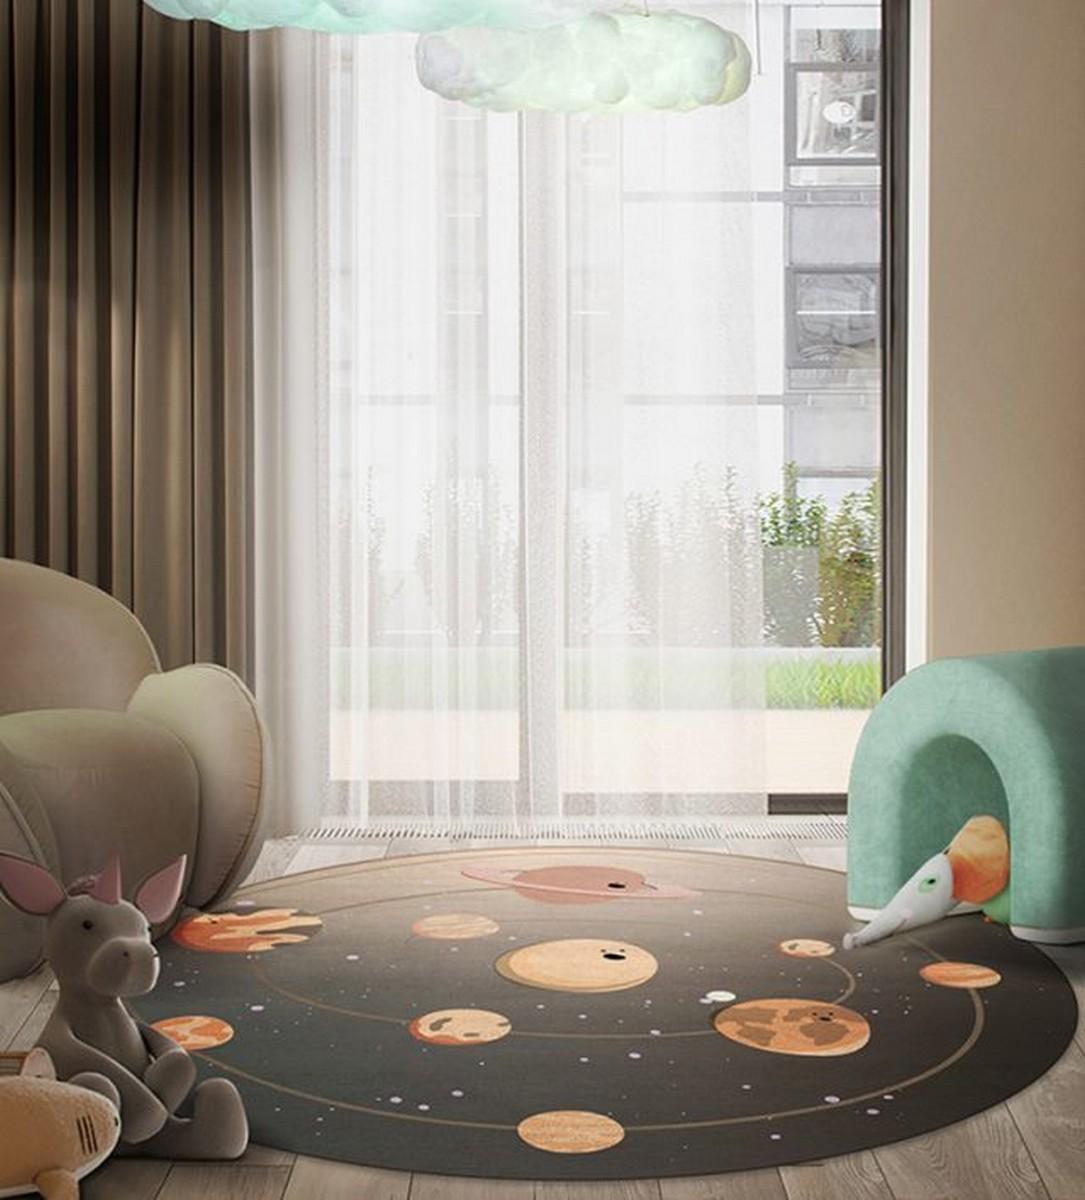 Diseño para niños: Nuevas Alfombras Mágicas por Circu diseño para niños Diseño para niños: Nuevas Alfombras Mágicas por Circu solar system rug circu magical furniture 2 640x708 1